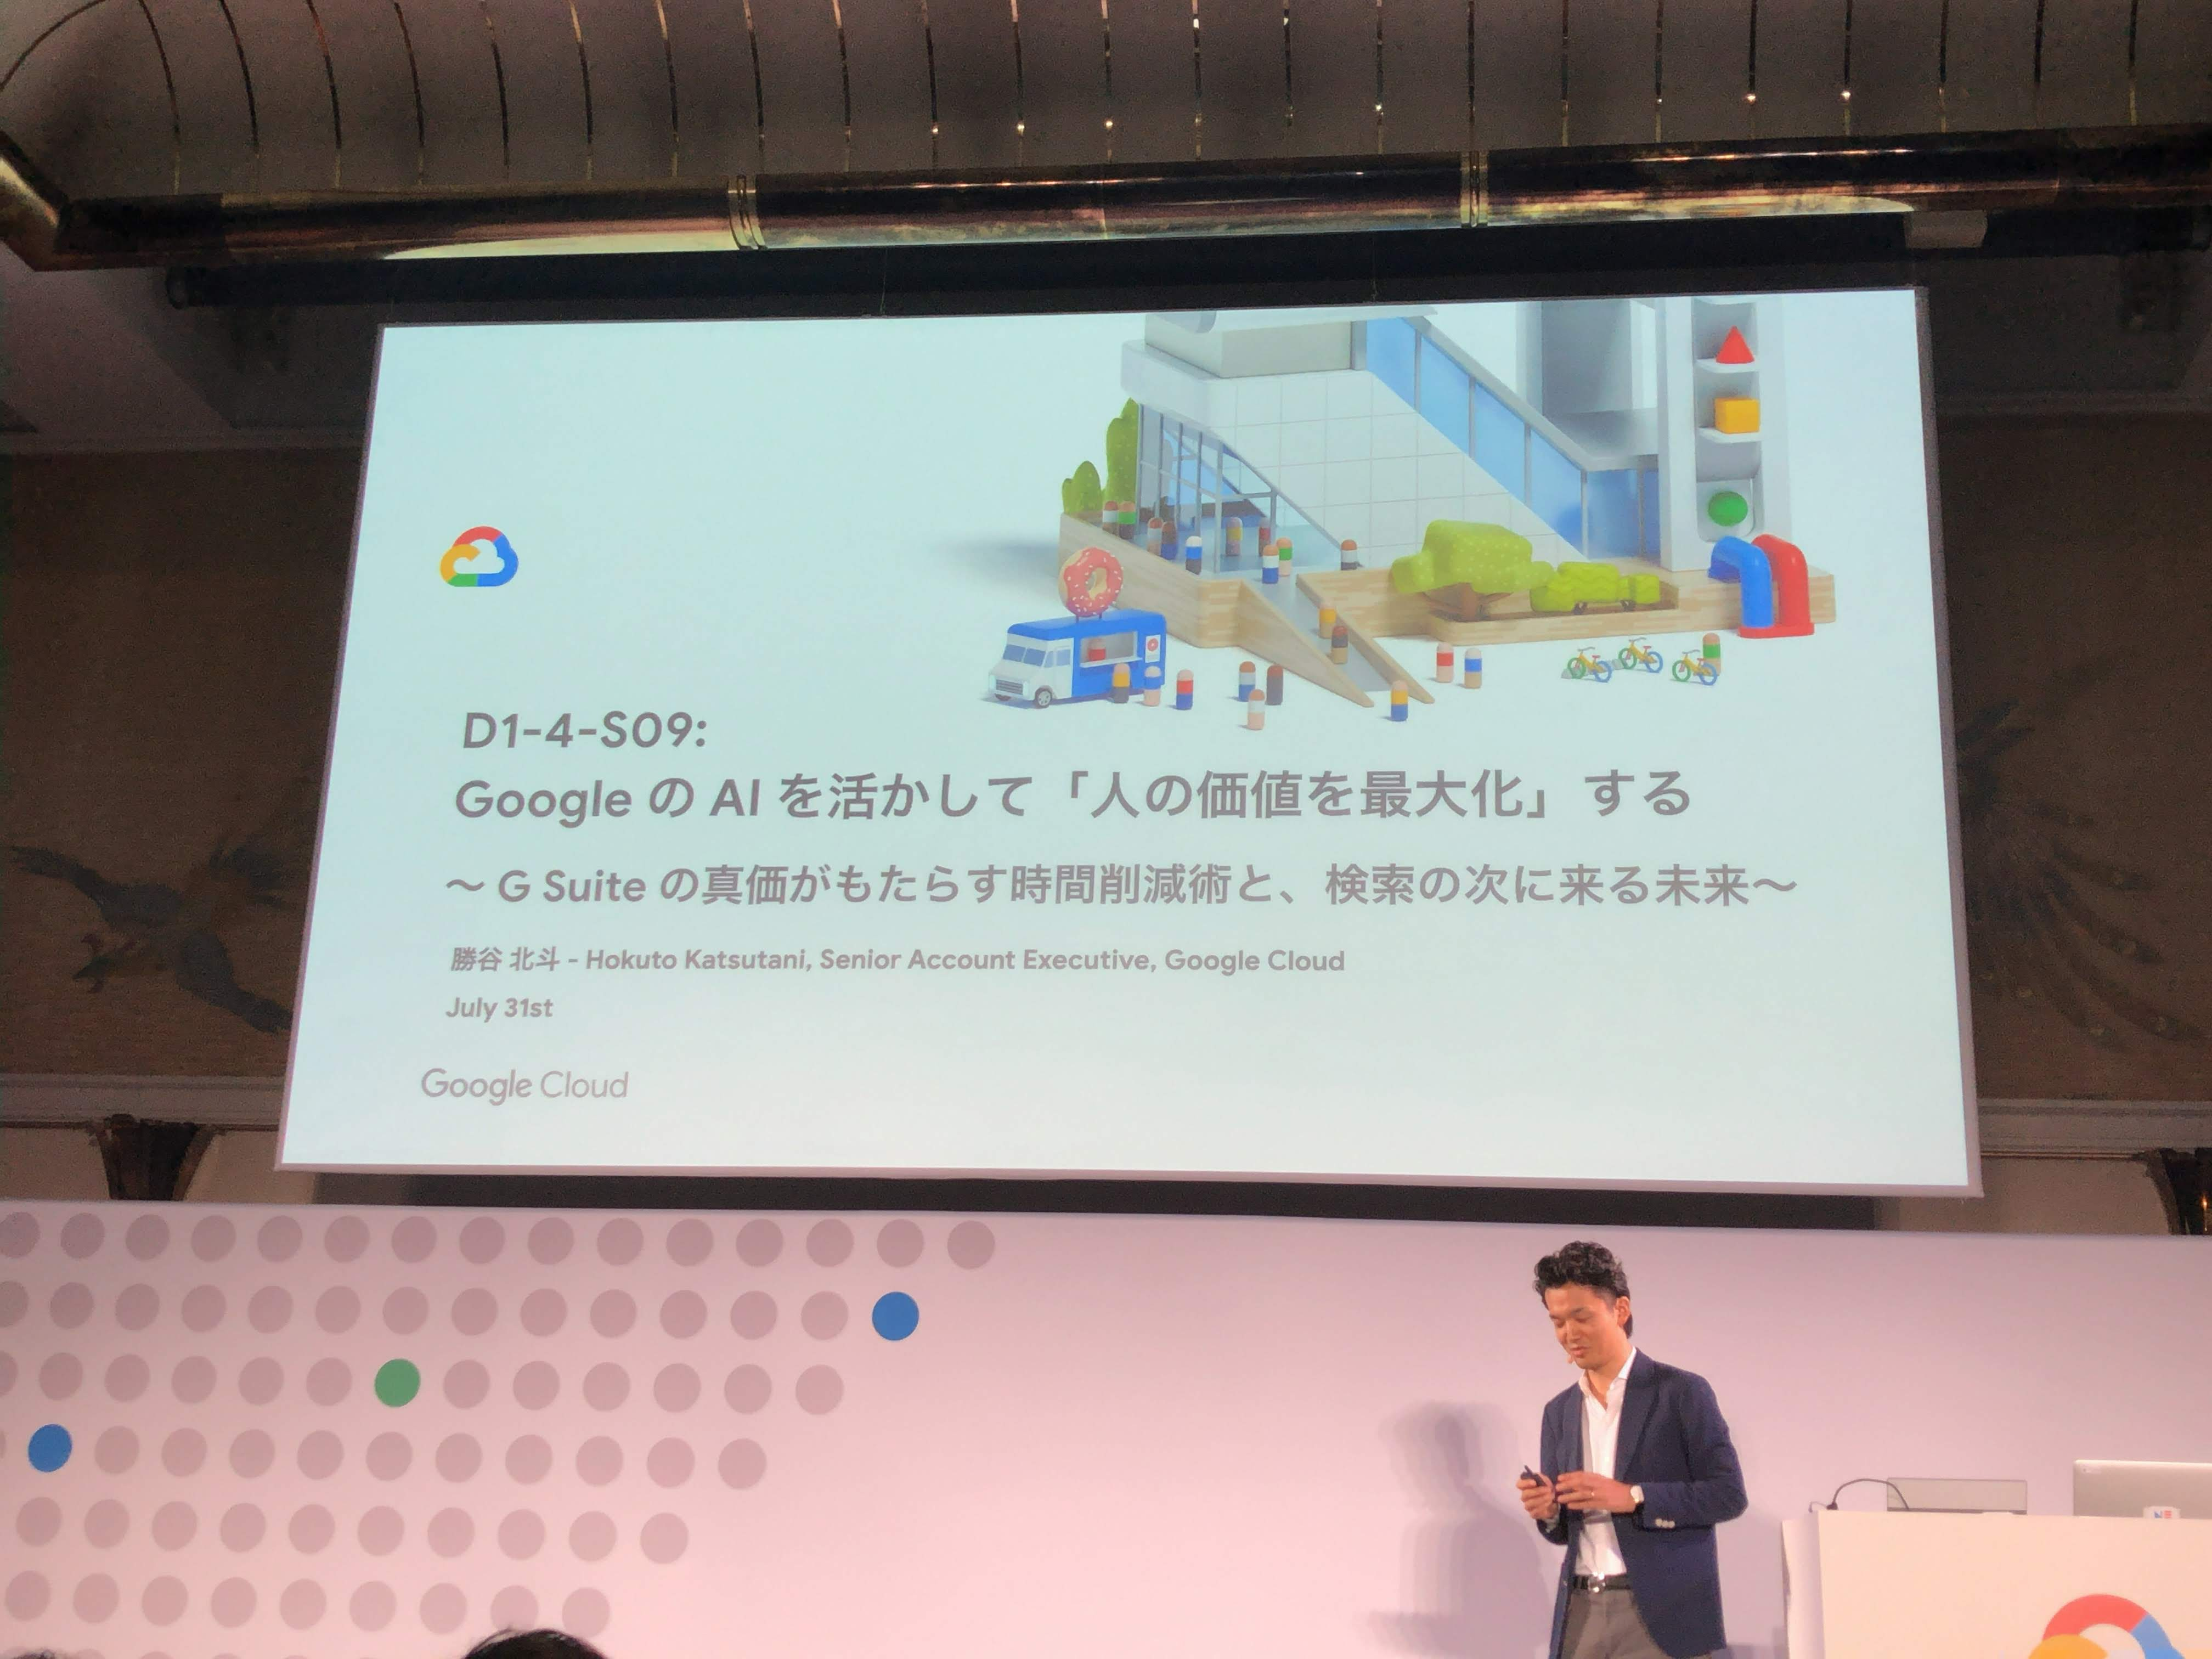 Google の AI を活かして「人の価値を最大化」する 〜 G Suite の真価がもたらす時間削減術と、検索の次に来る未来〜